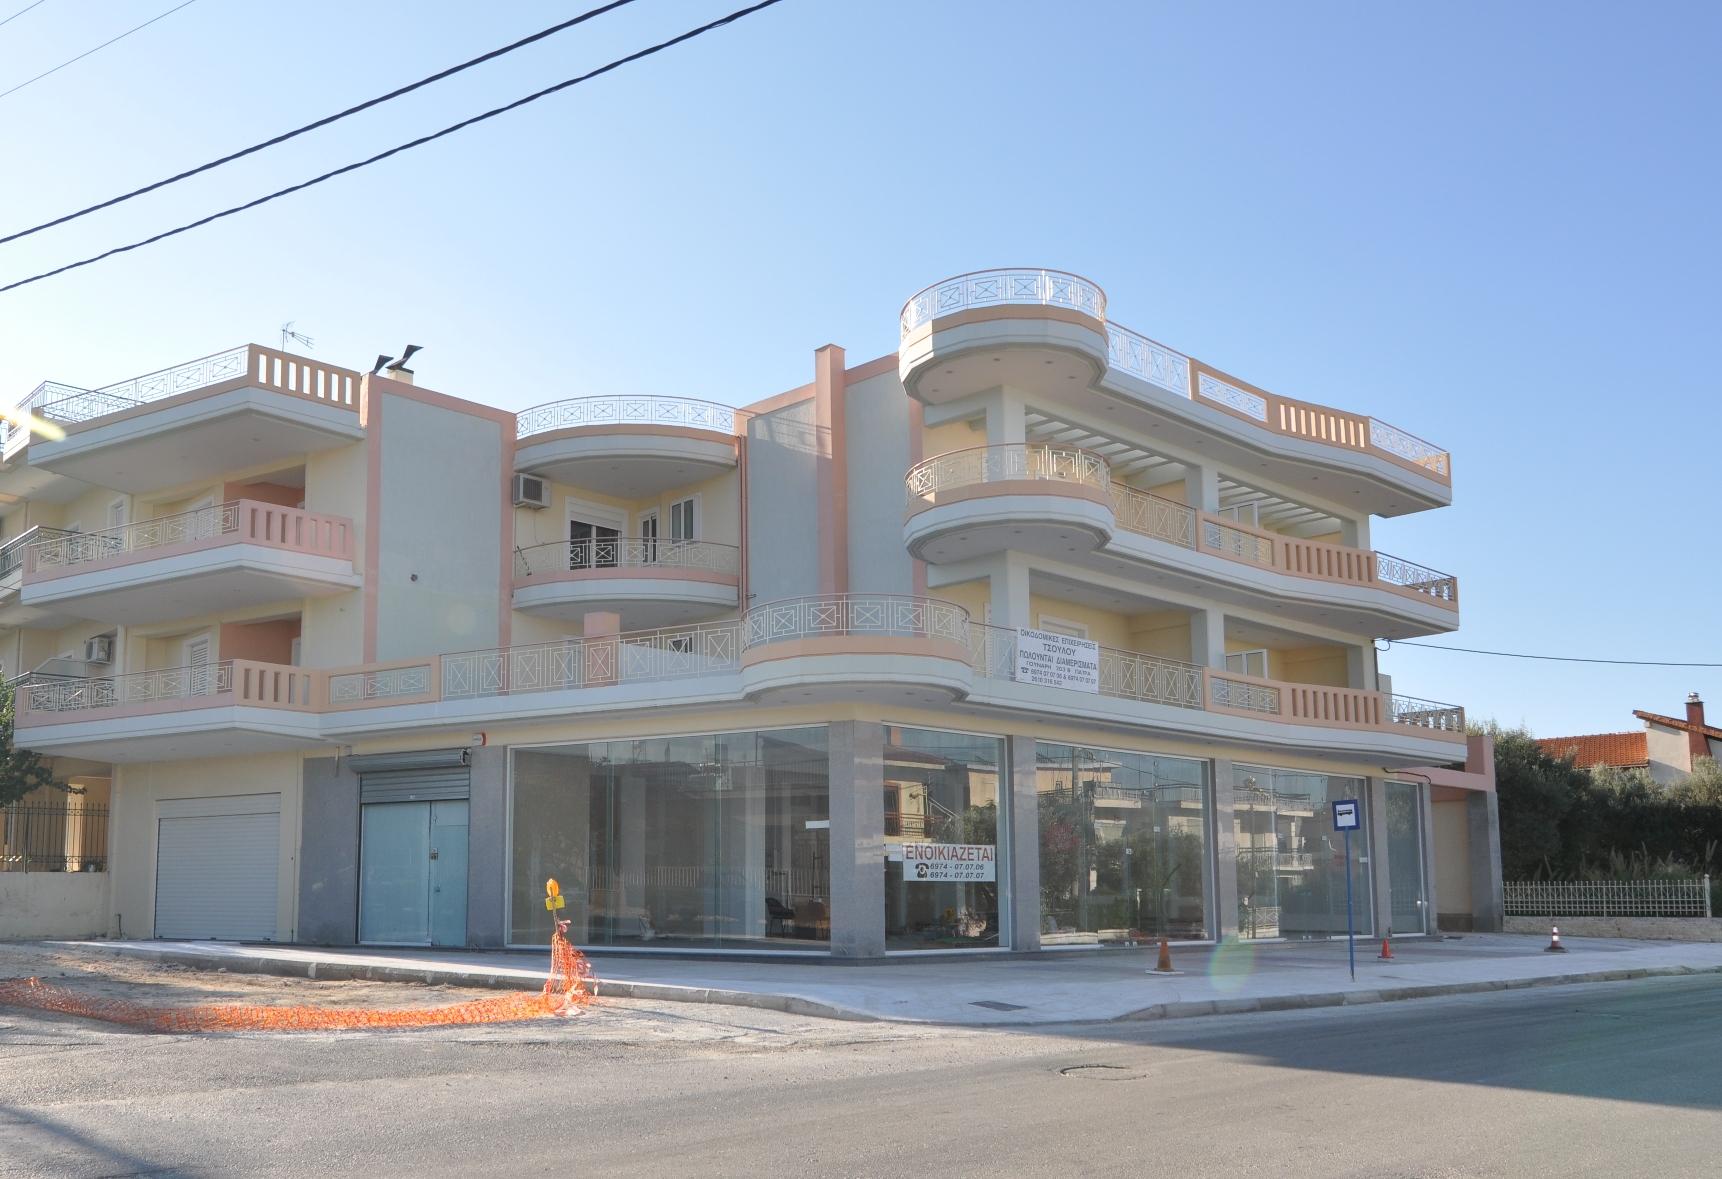 Οδός Πανεπιστημίου & Βησσαρίωνος-Πάτρα: Κτίριο διαμερισμάτων κατοικιων και καταστημάτων